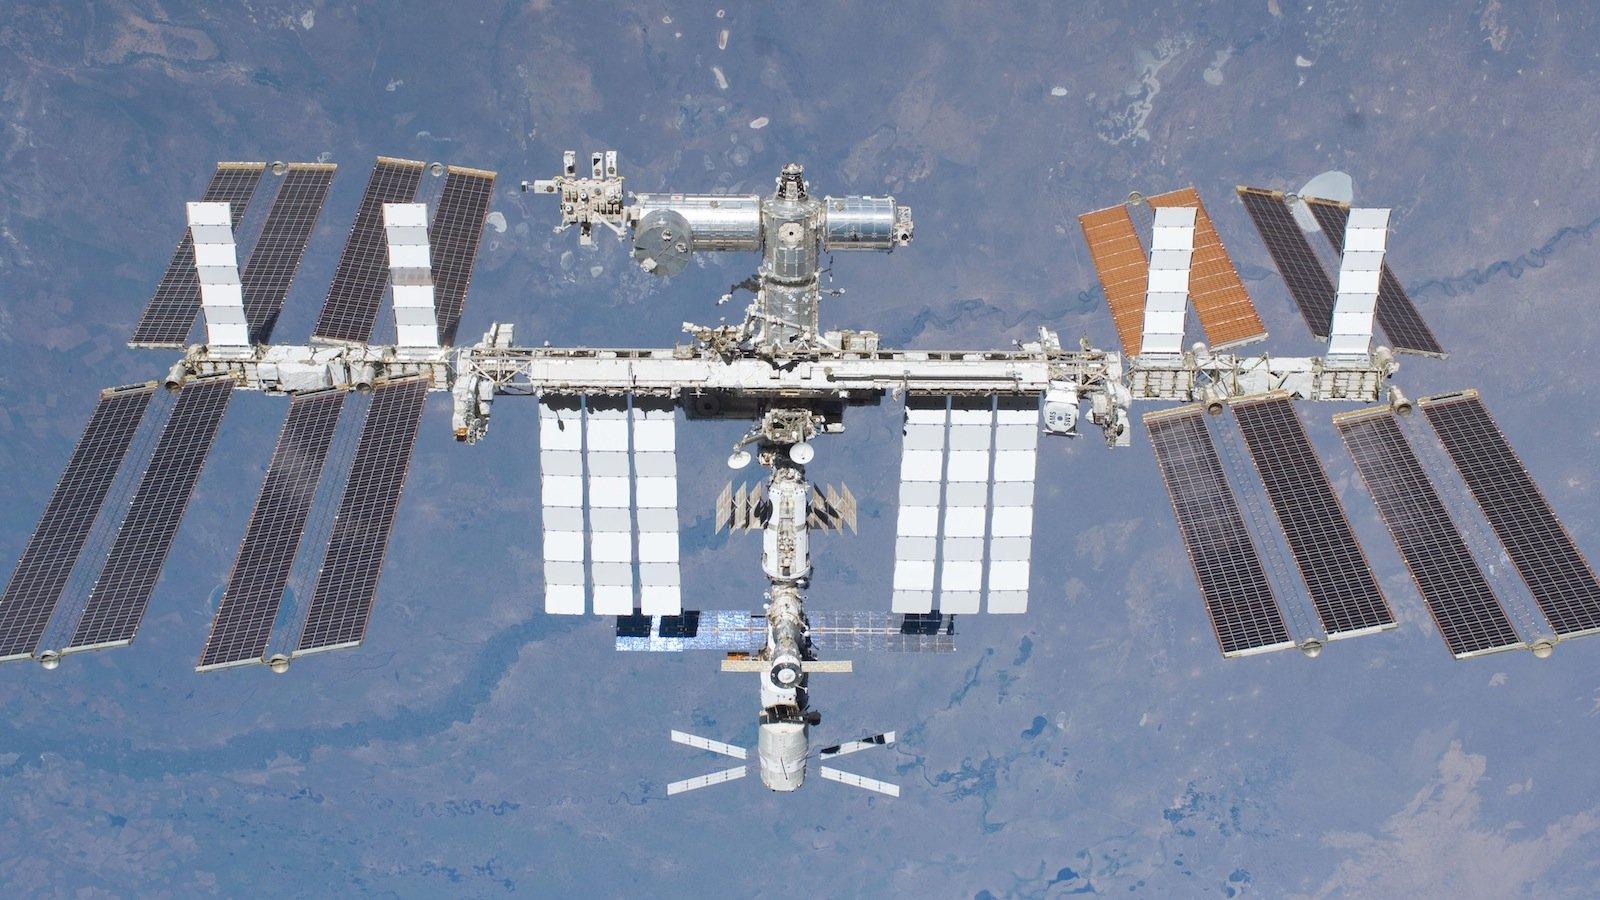 Am oberen Nutzlast-Platz der S3-Struktur bleibt AMS mindestens bis ins Jahr 2020 an der ISS.